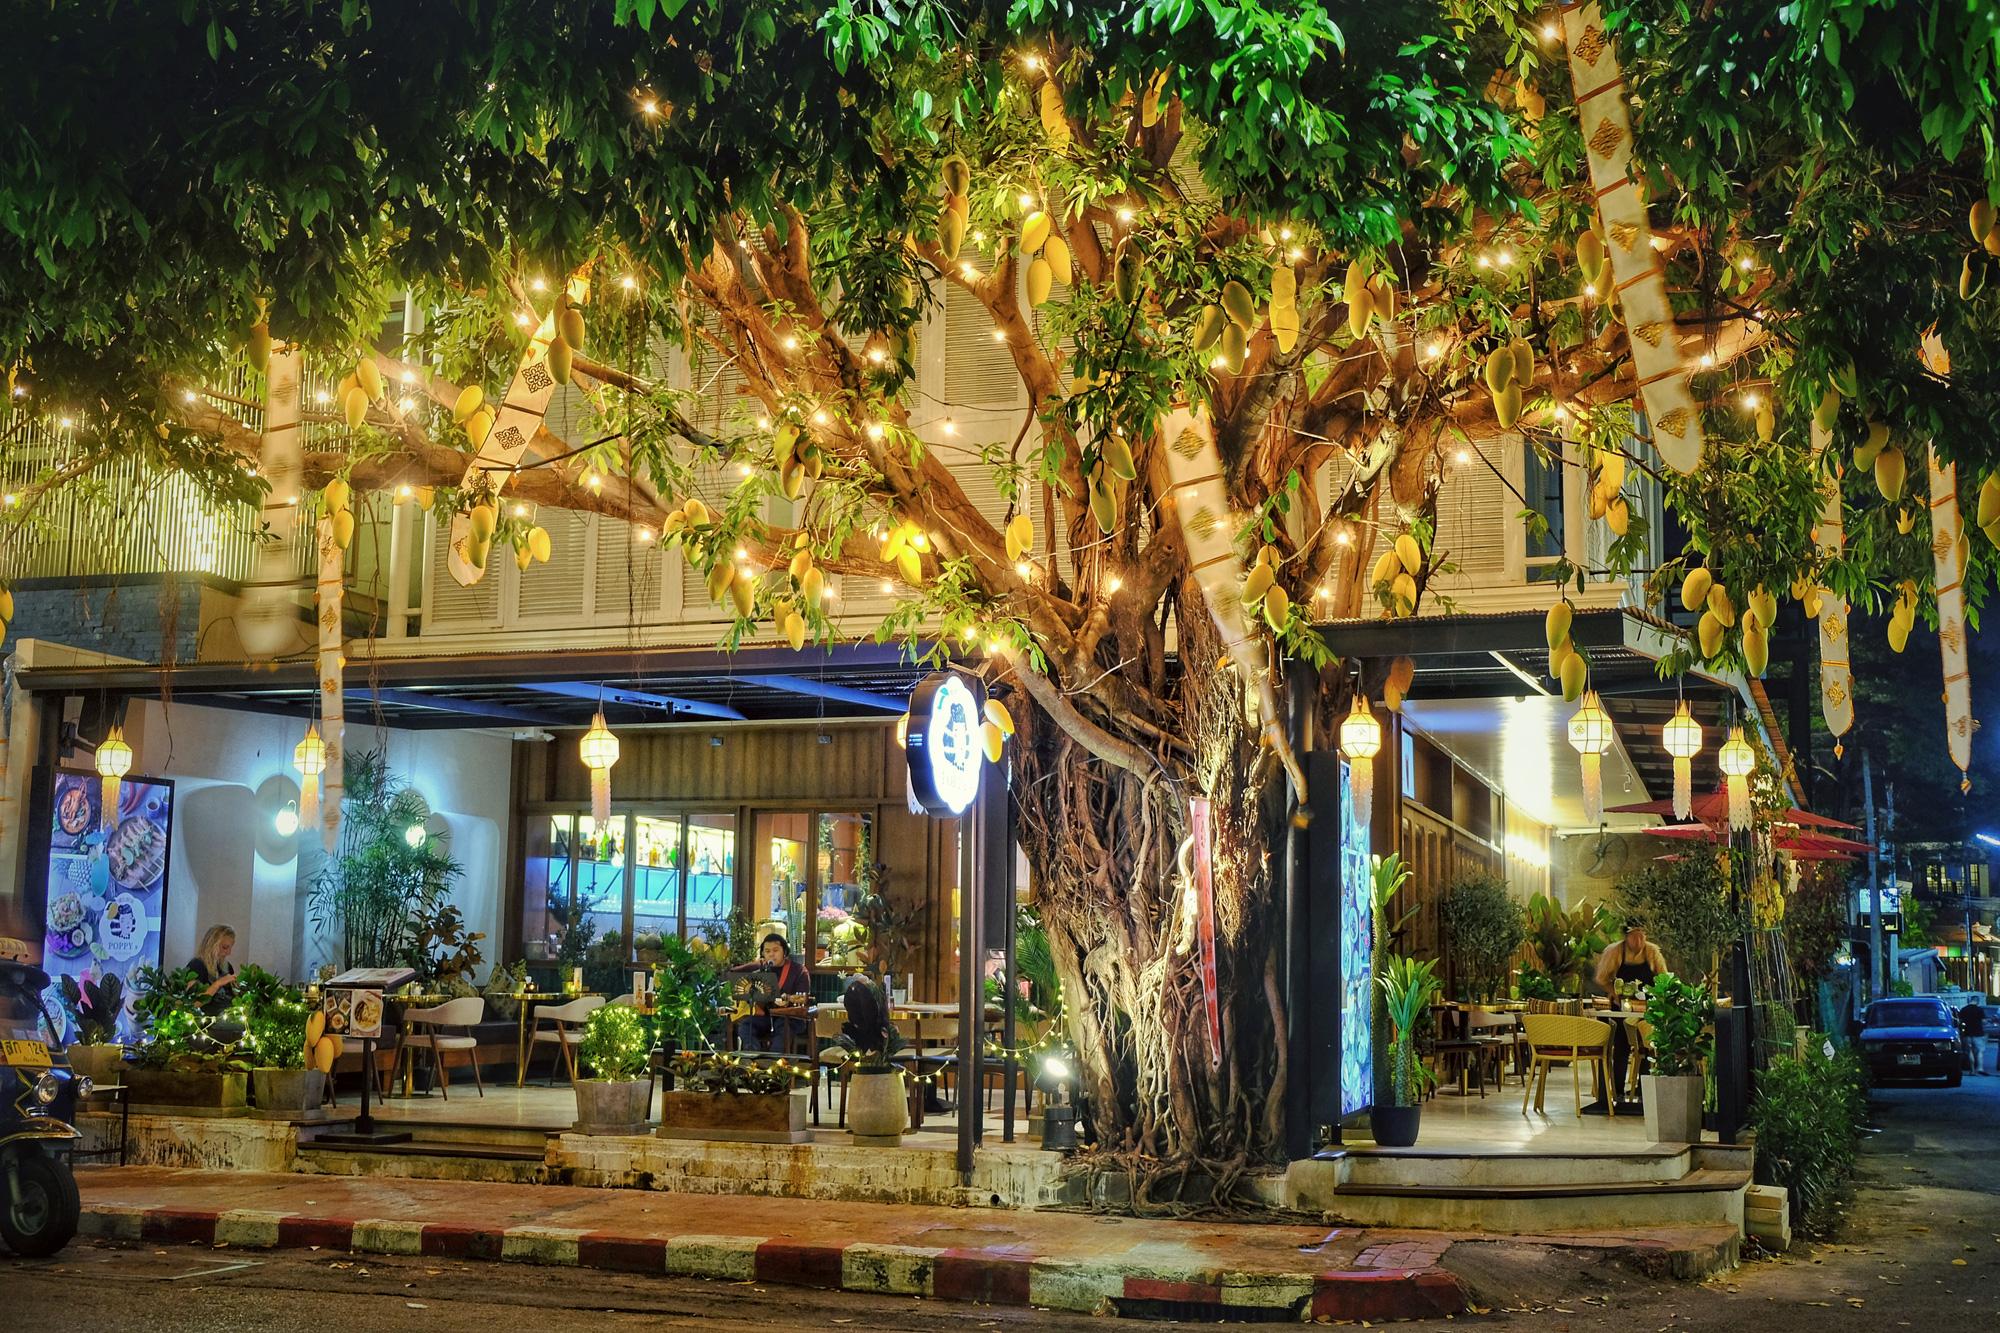 Ngoài lễ hội đèn trời, Chiang Mai còn có gì hấp dẫn du khách? - Ảnh 14.